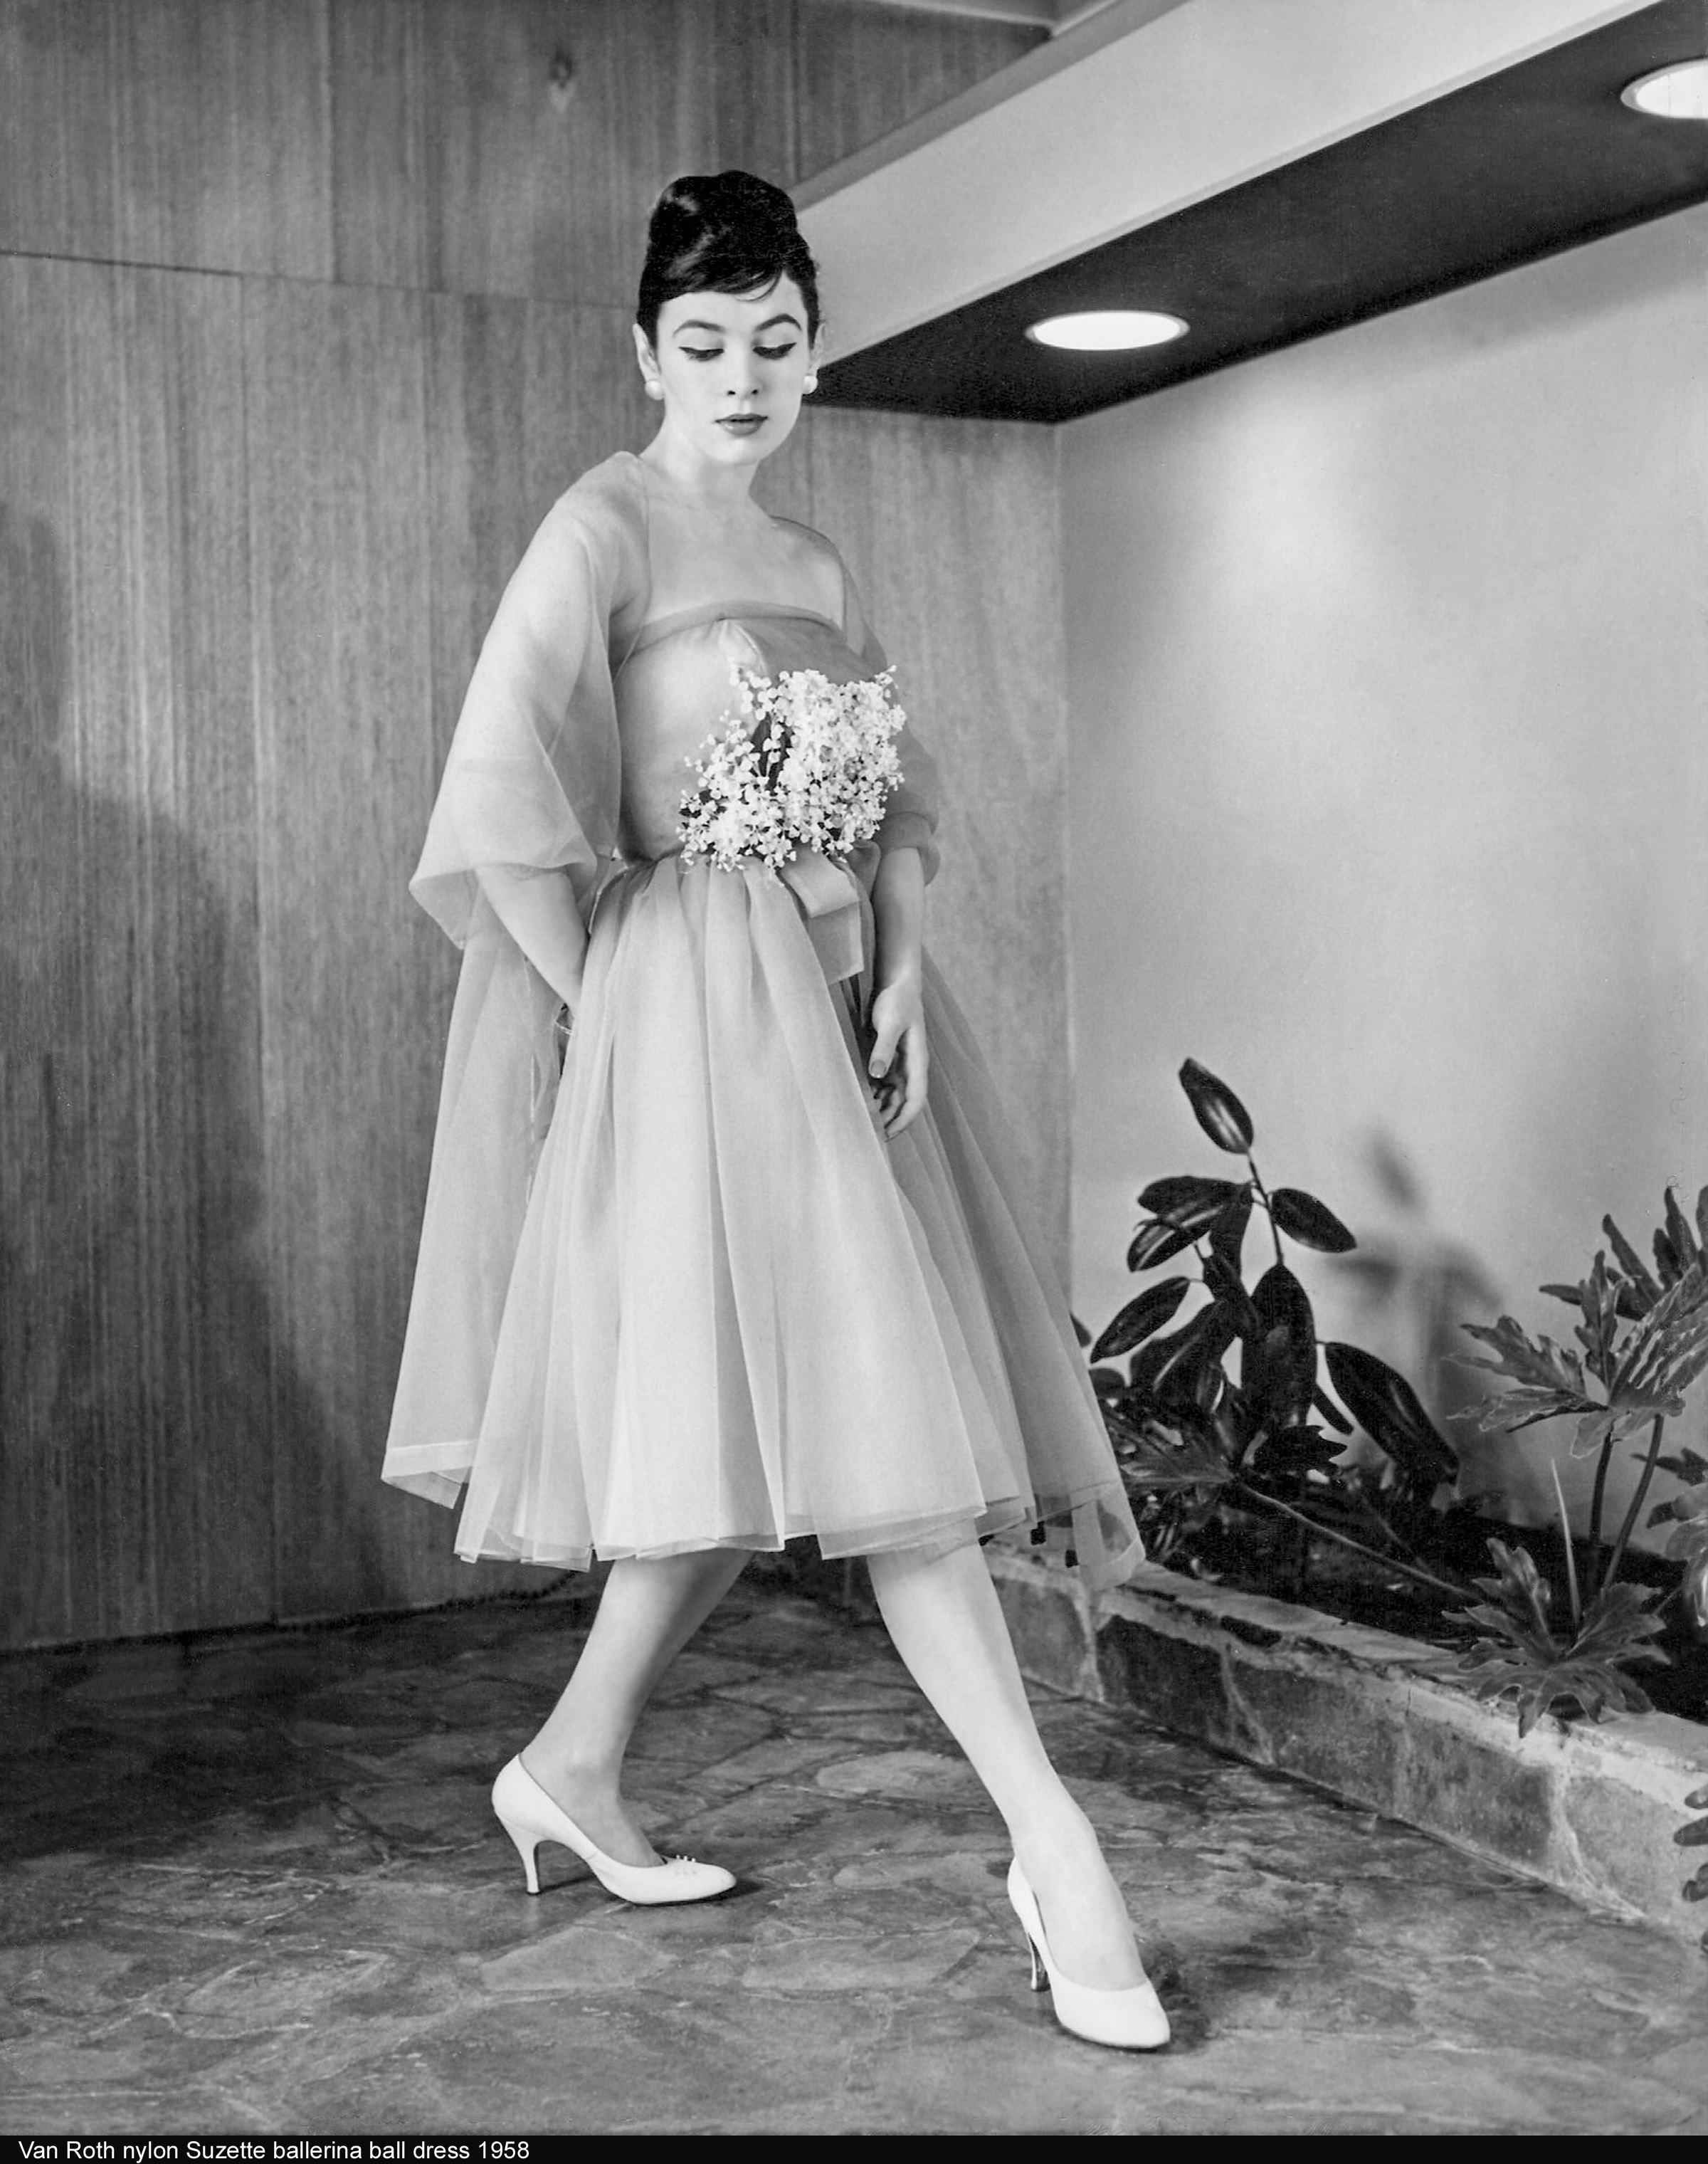 Van Roth Nylon Suzette Ballerina 1958